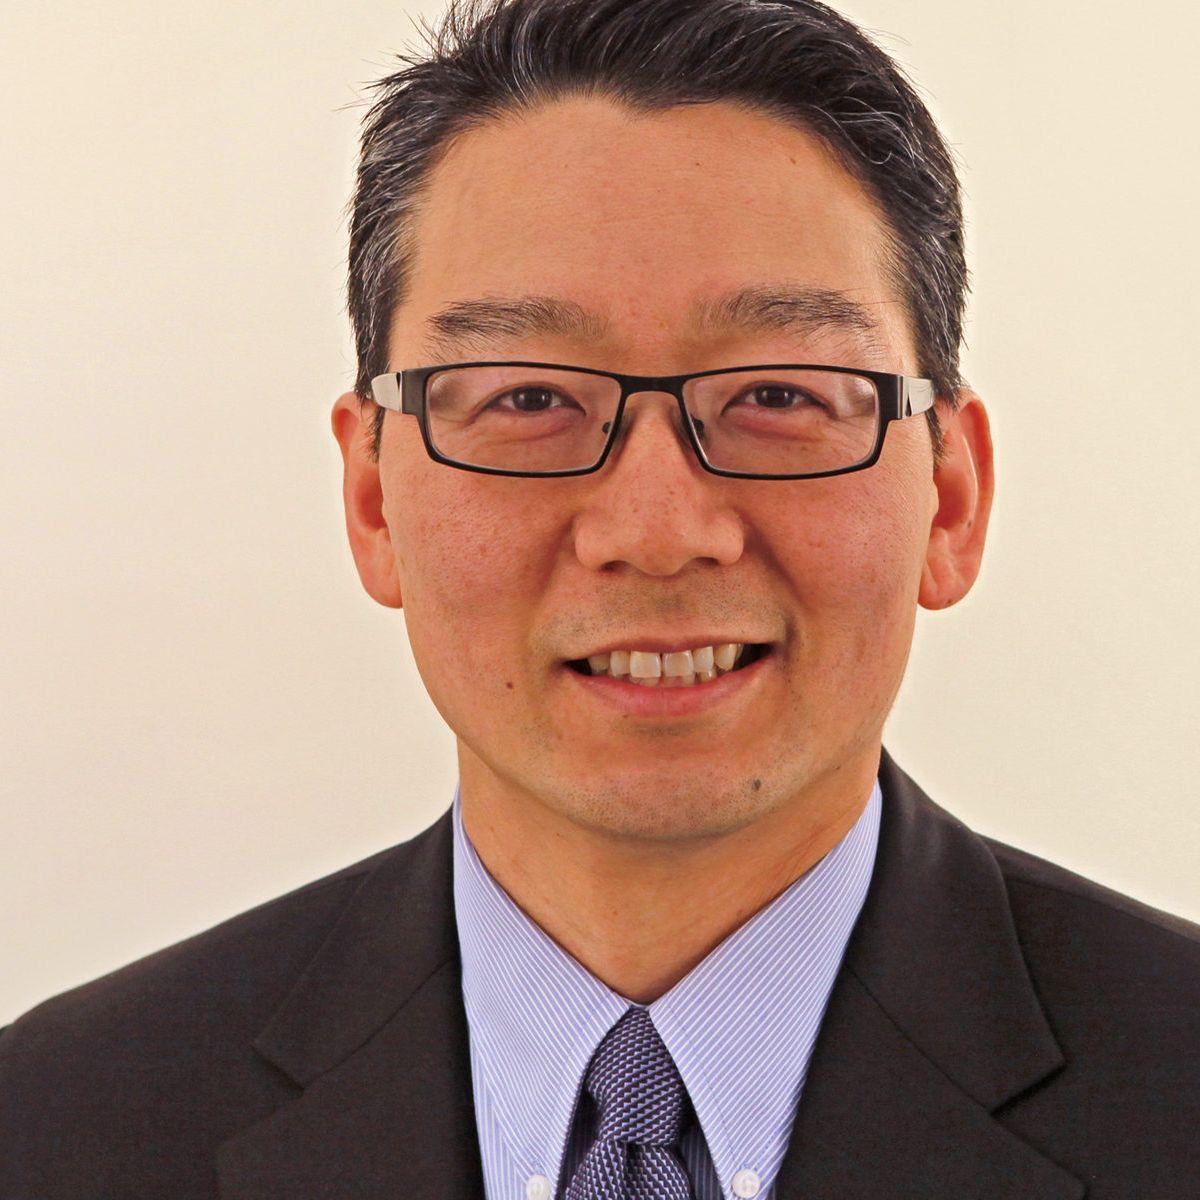 Bruce Takasaki